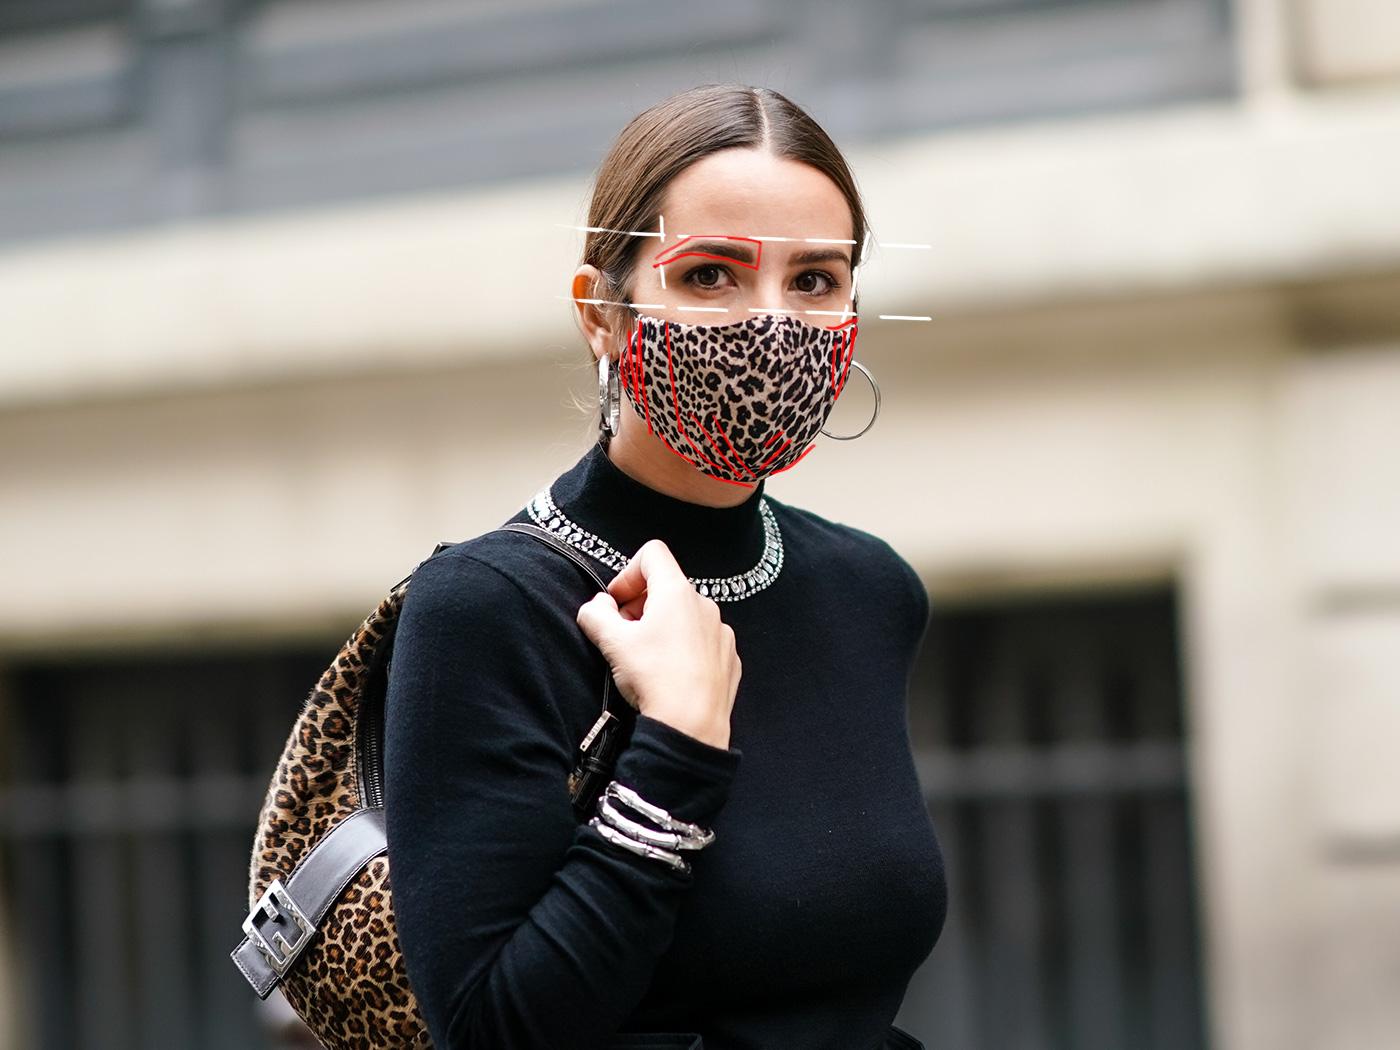 Η μάσκα έχει κάνει τα φρύδια μας τον μεγάλο πρωταγωνιστή! Τα tips μια brow expert για τέλειο σχήμα!